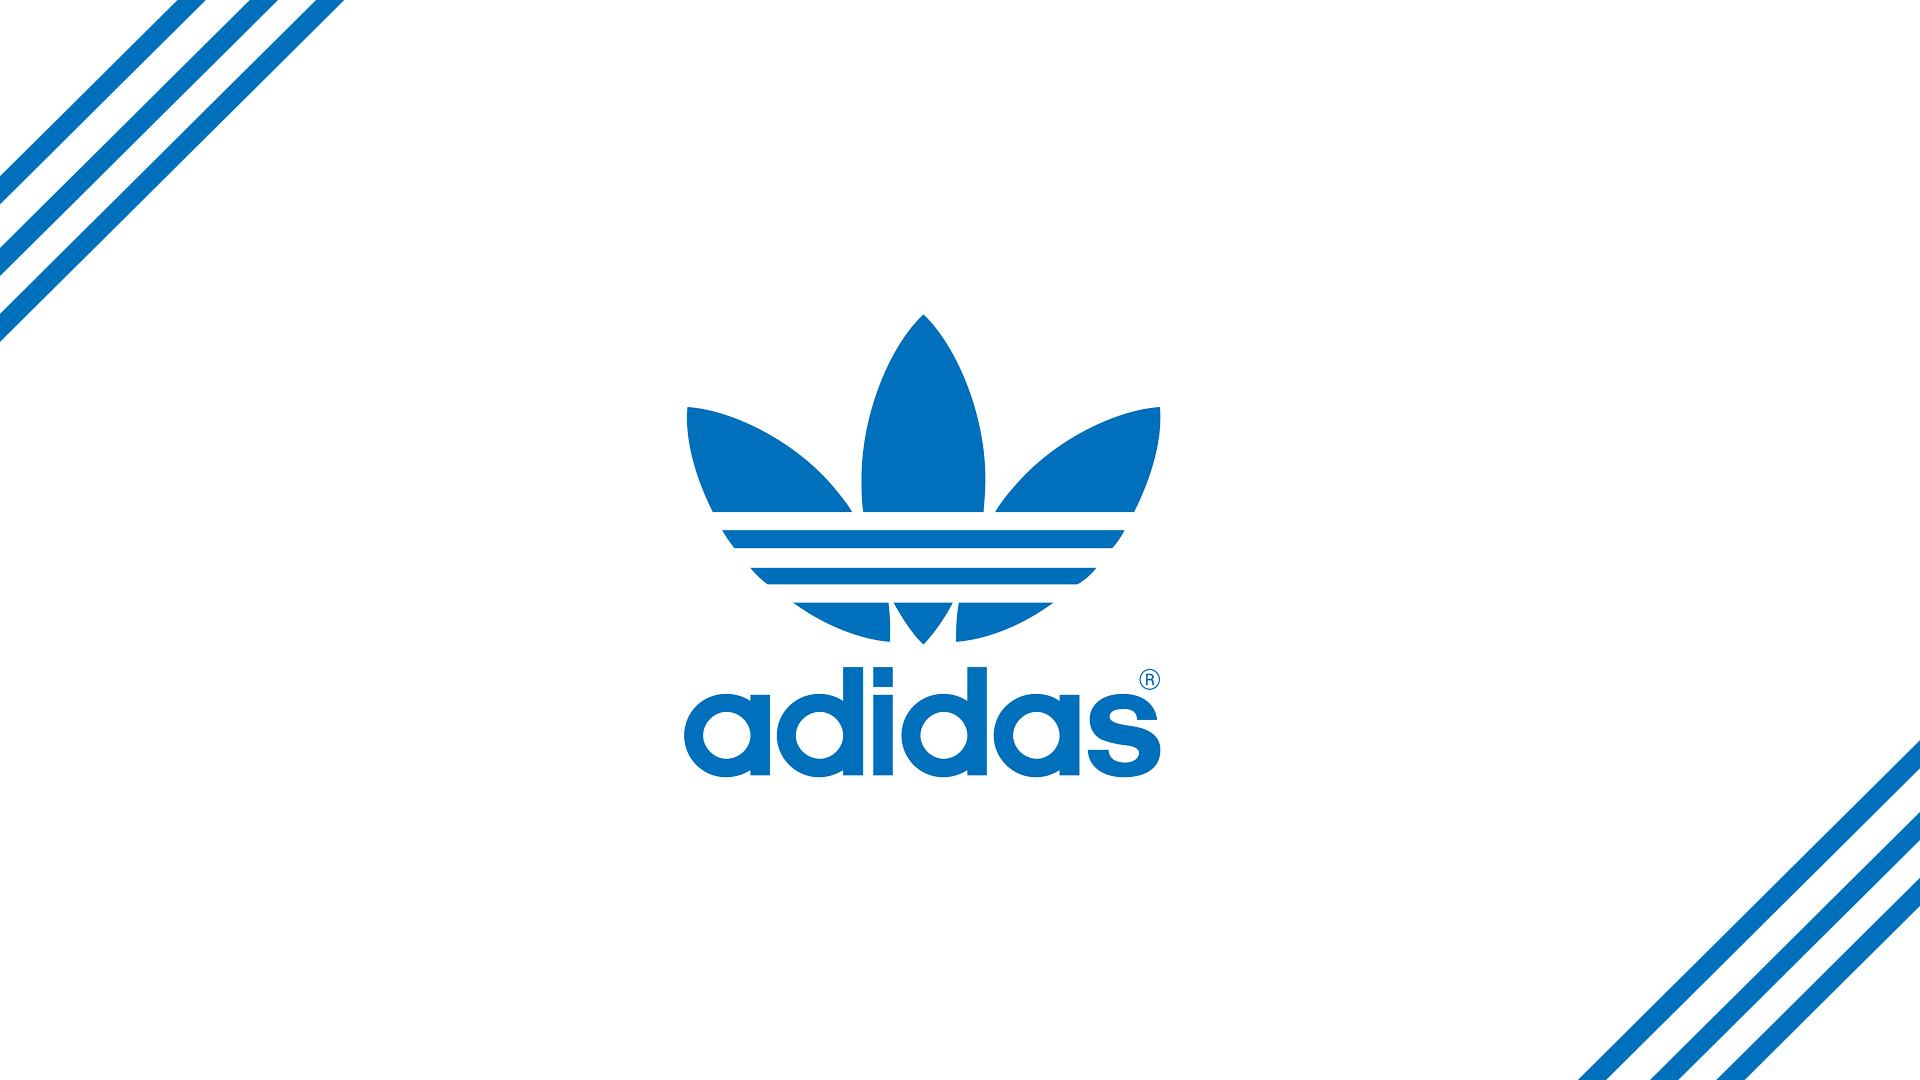 Adidas Original 1920x1080